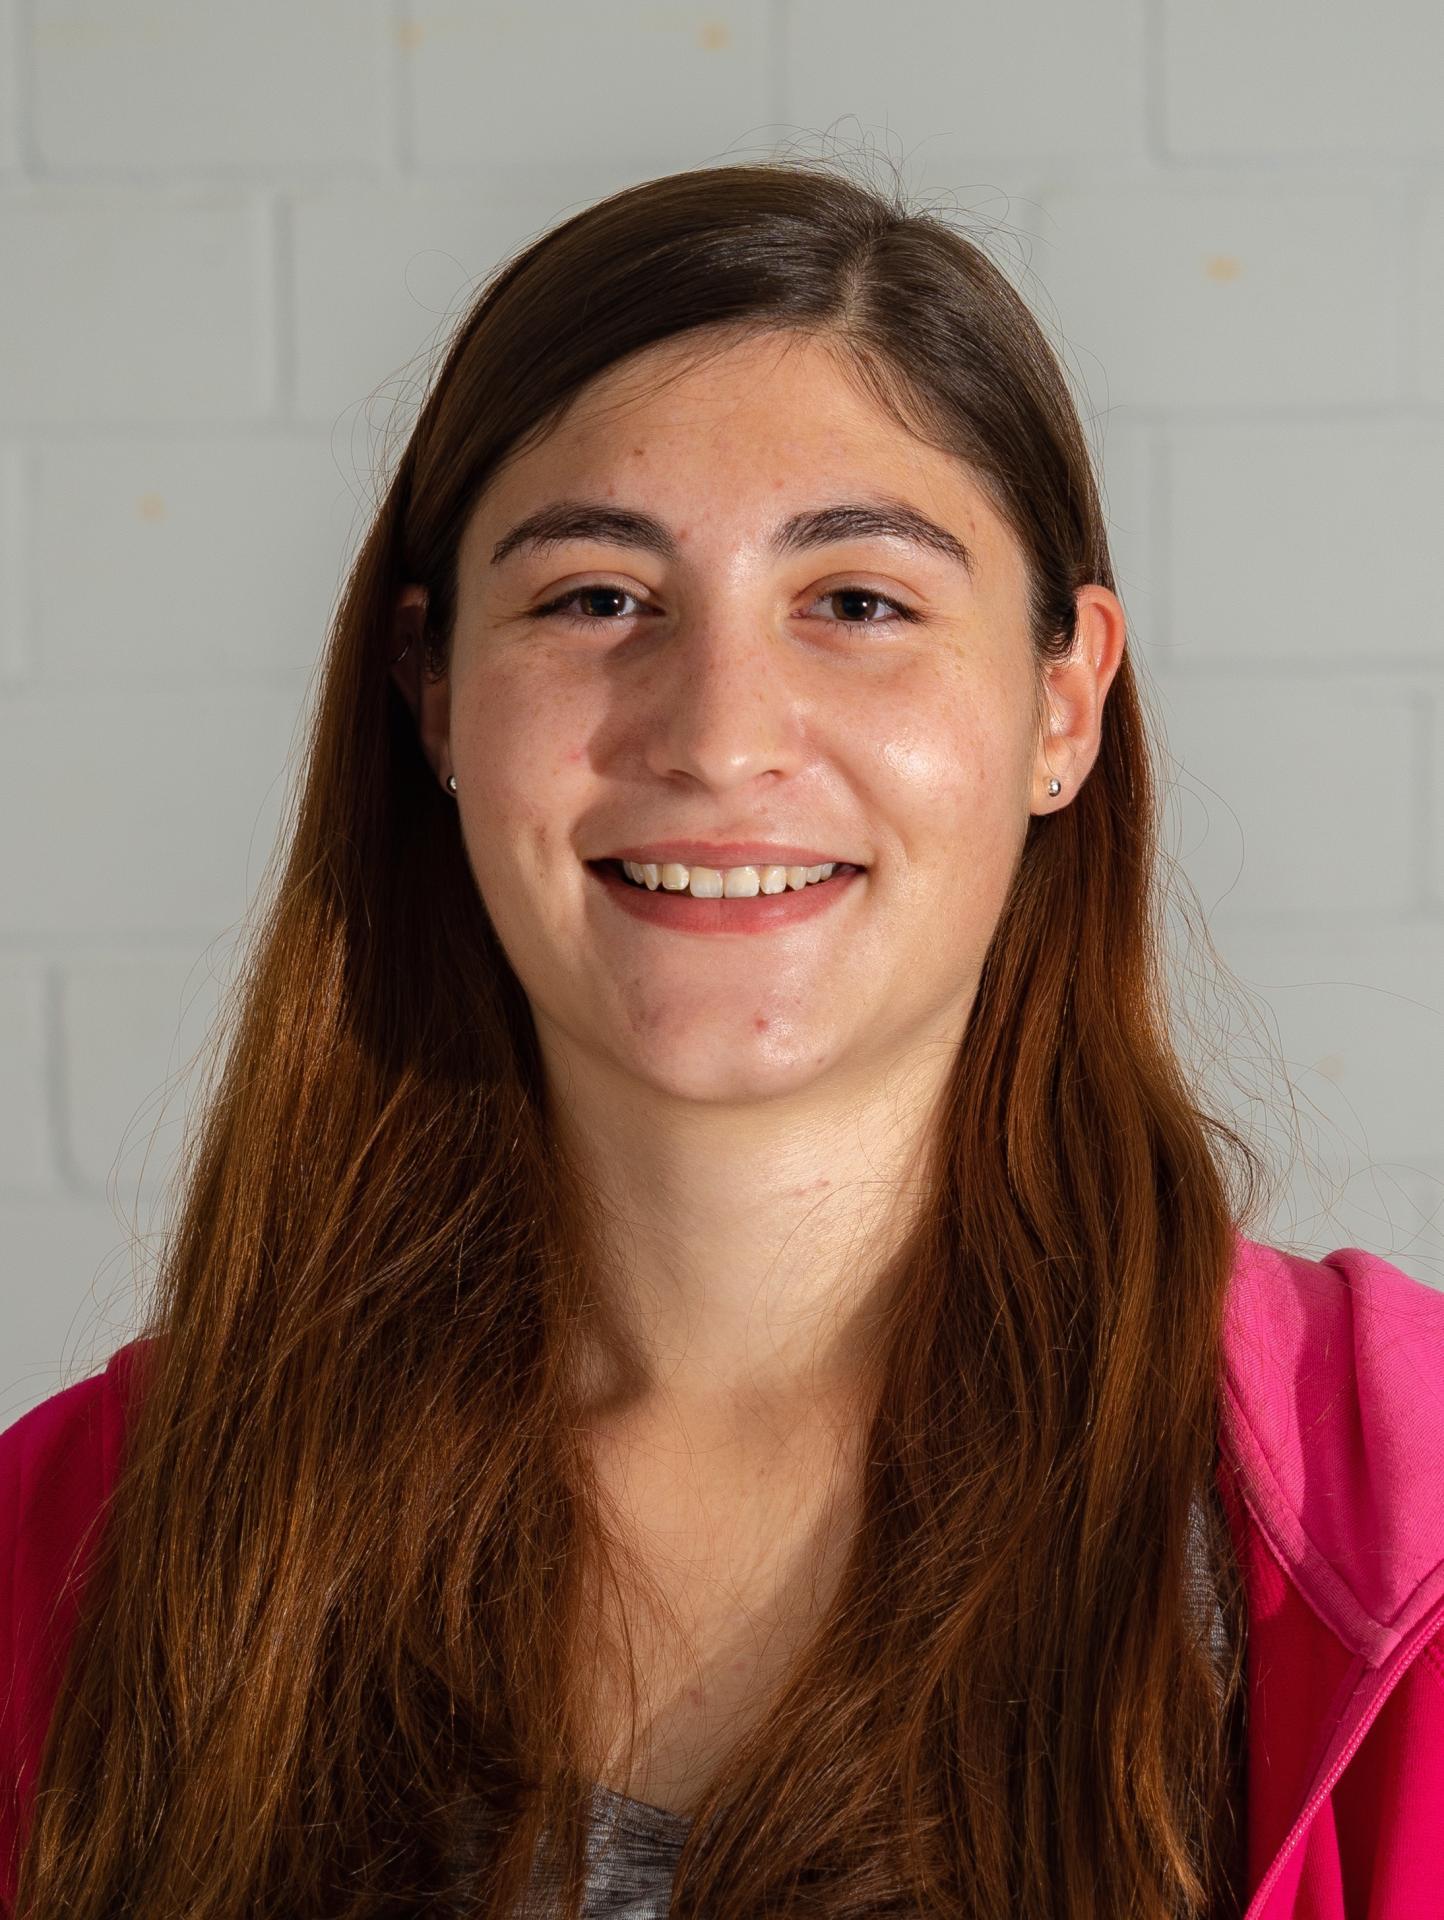 Alexandra Hechler